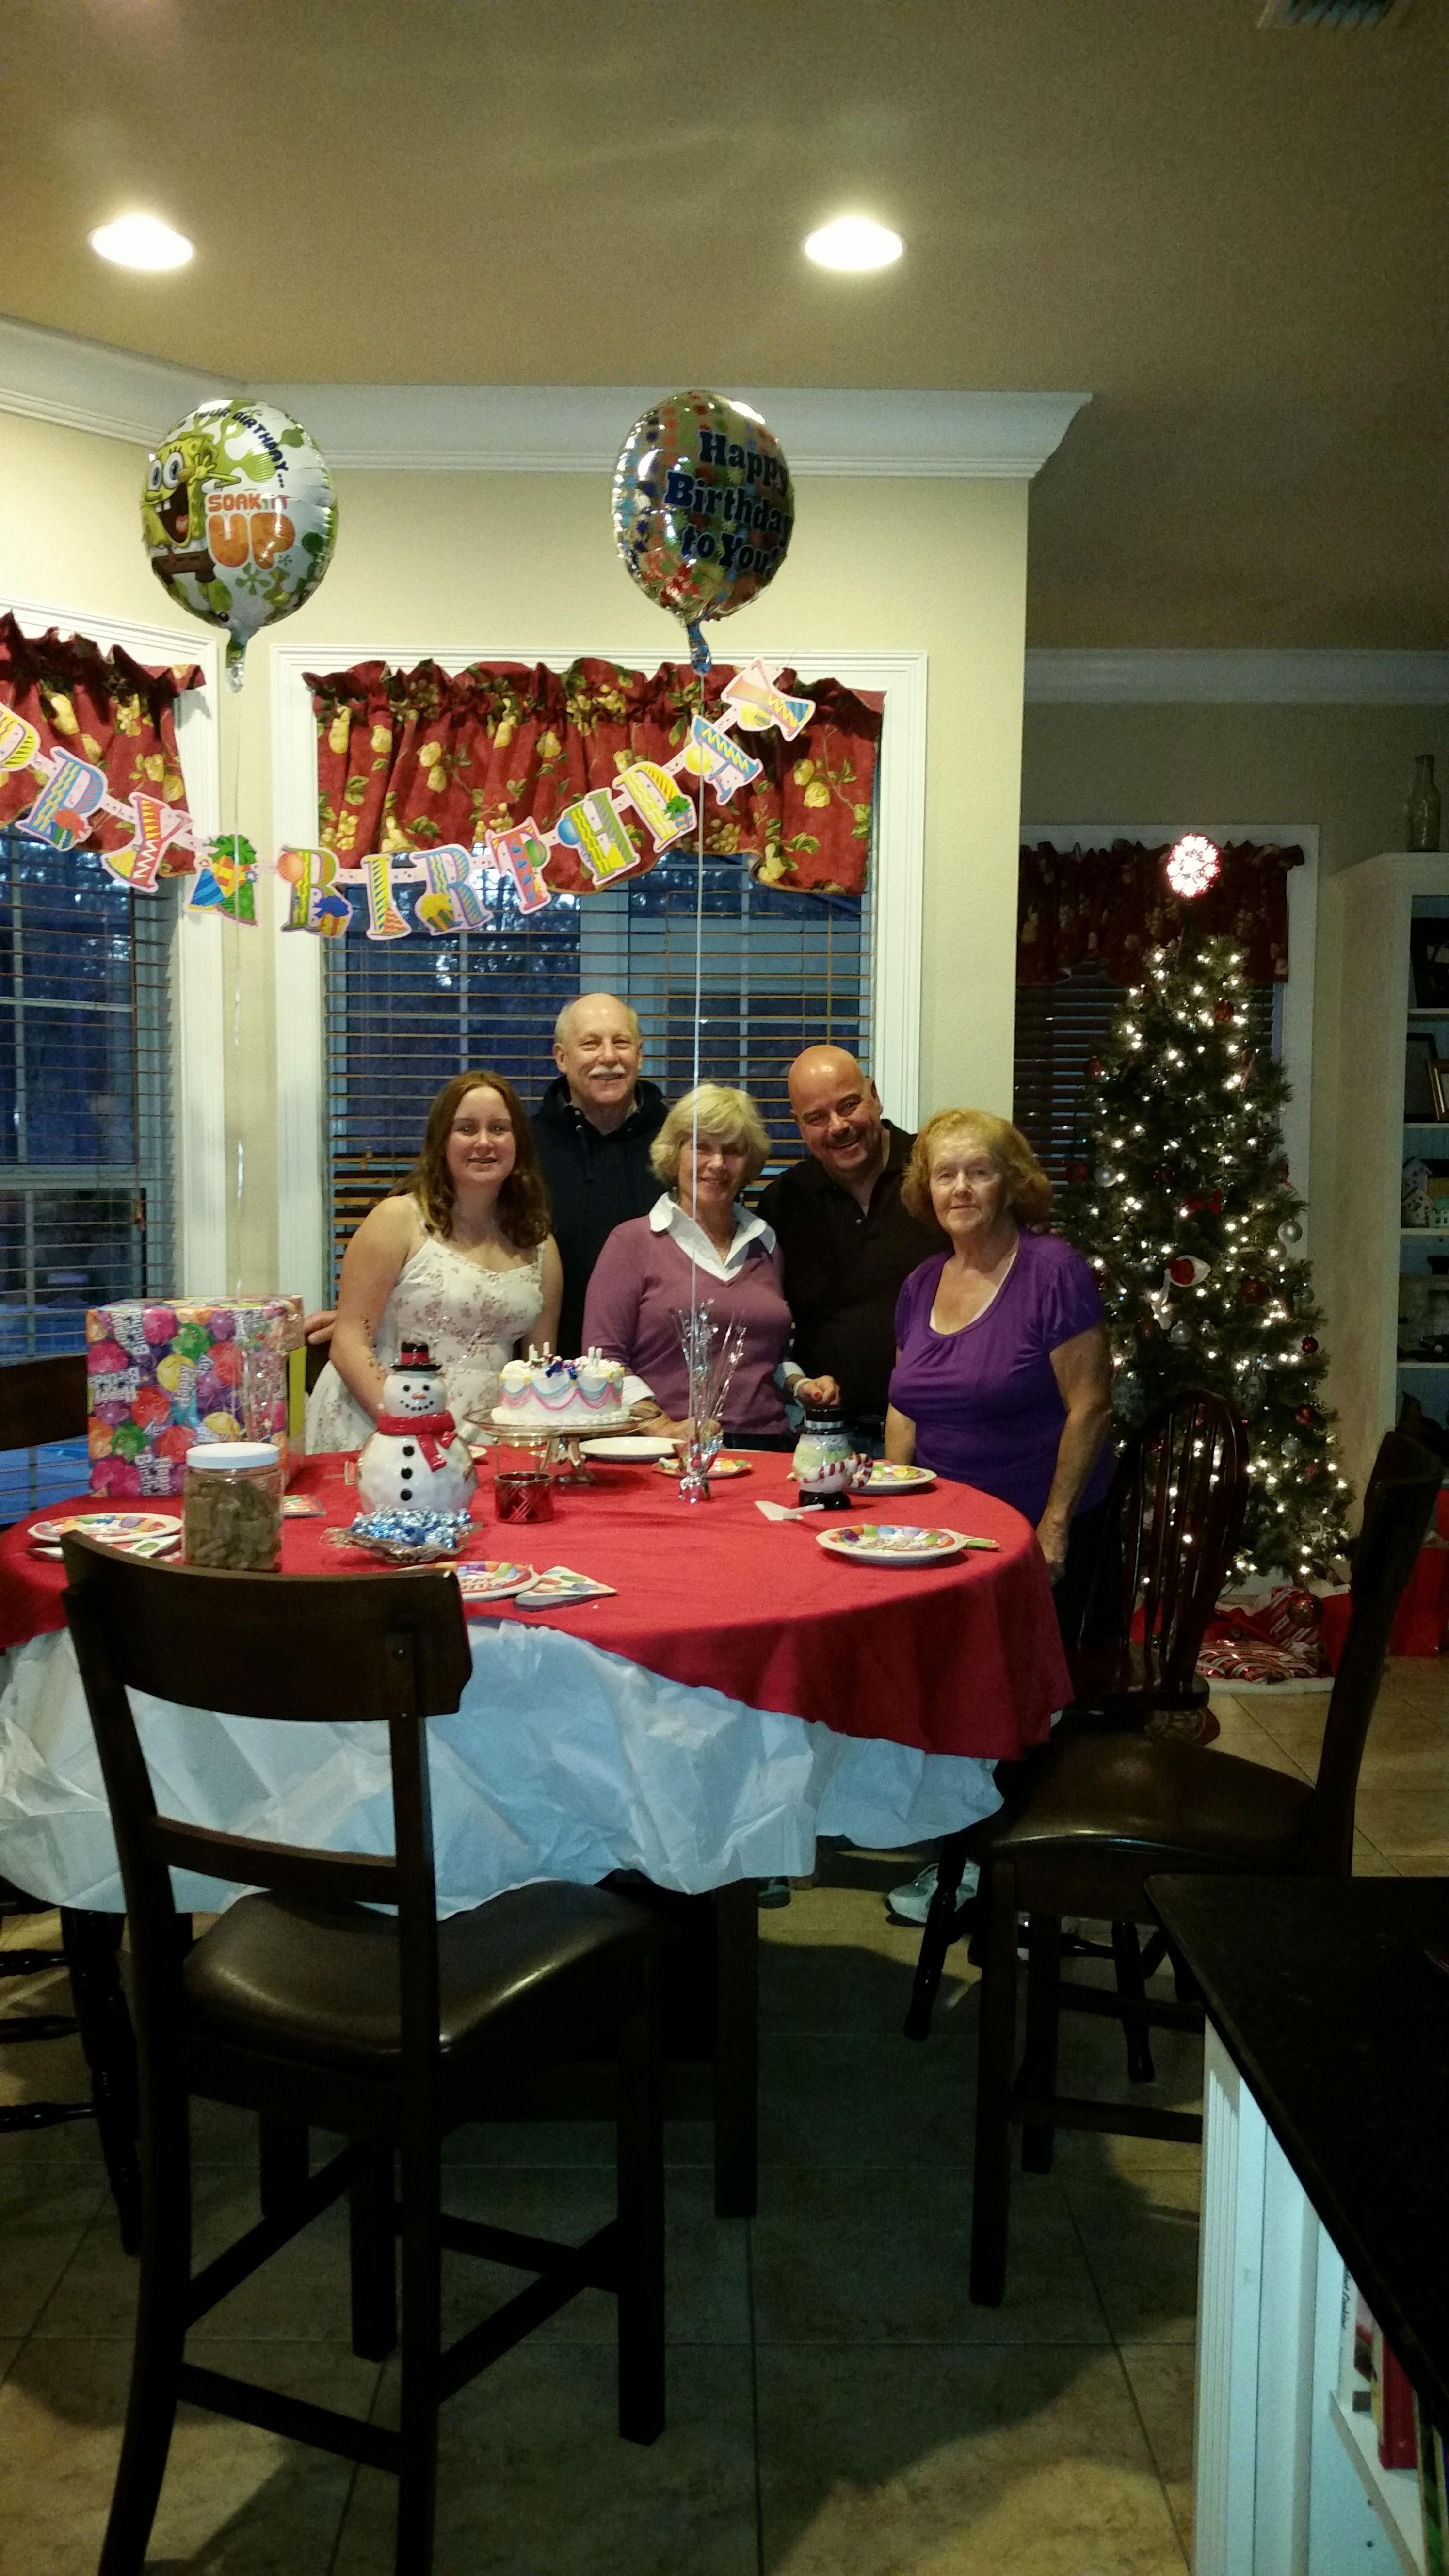 We were celebrating Carol Ann's lil sissy birthday Audrey, last year (12/14/2014).